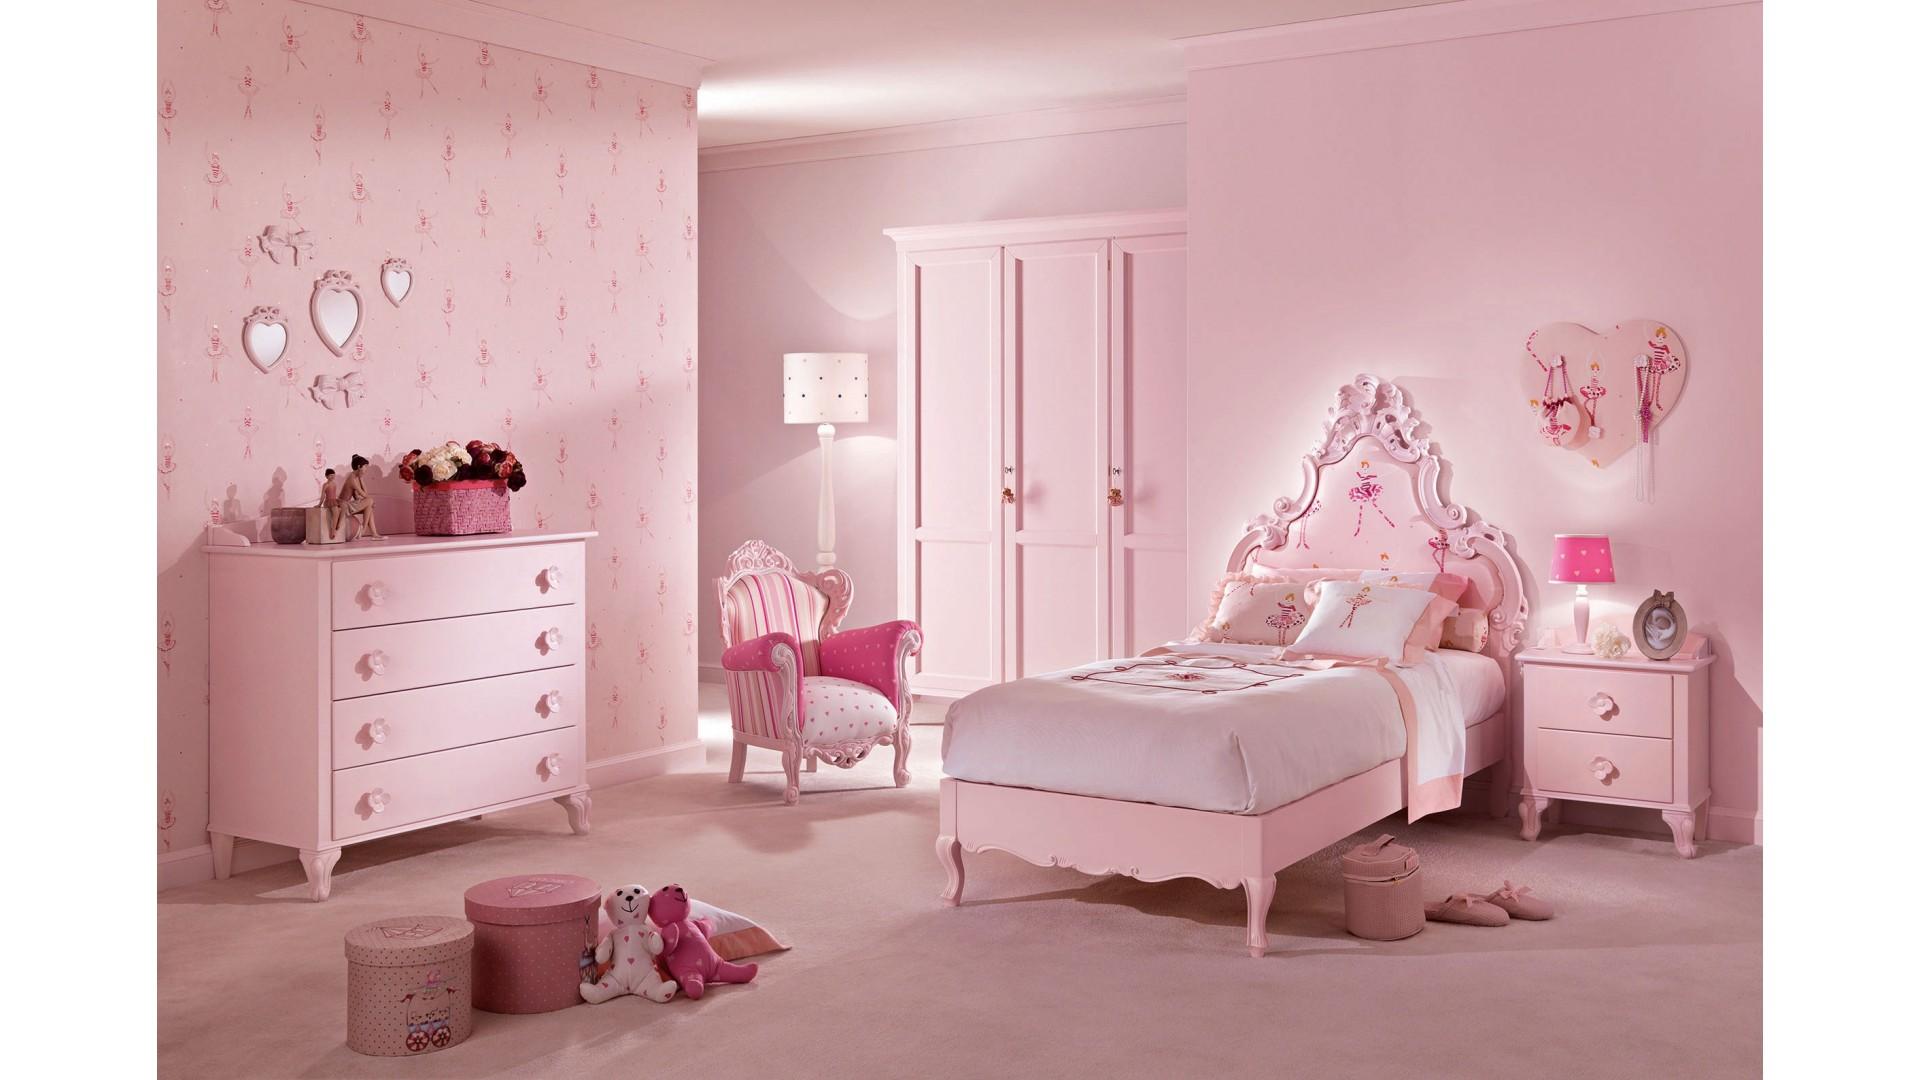 Lit princesse mod le c cile rose pastel piermaria so nuit for Chambre complete 1 personne